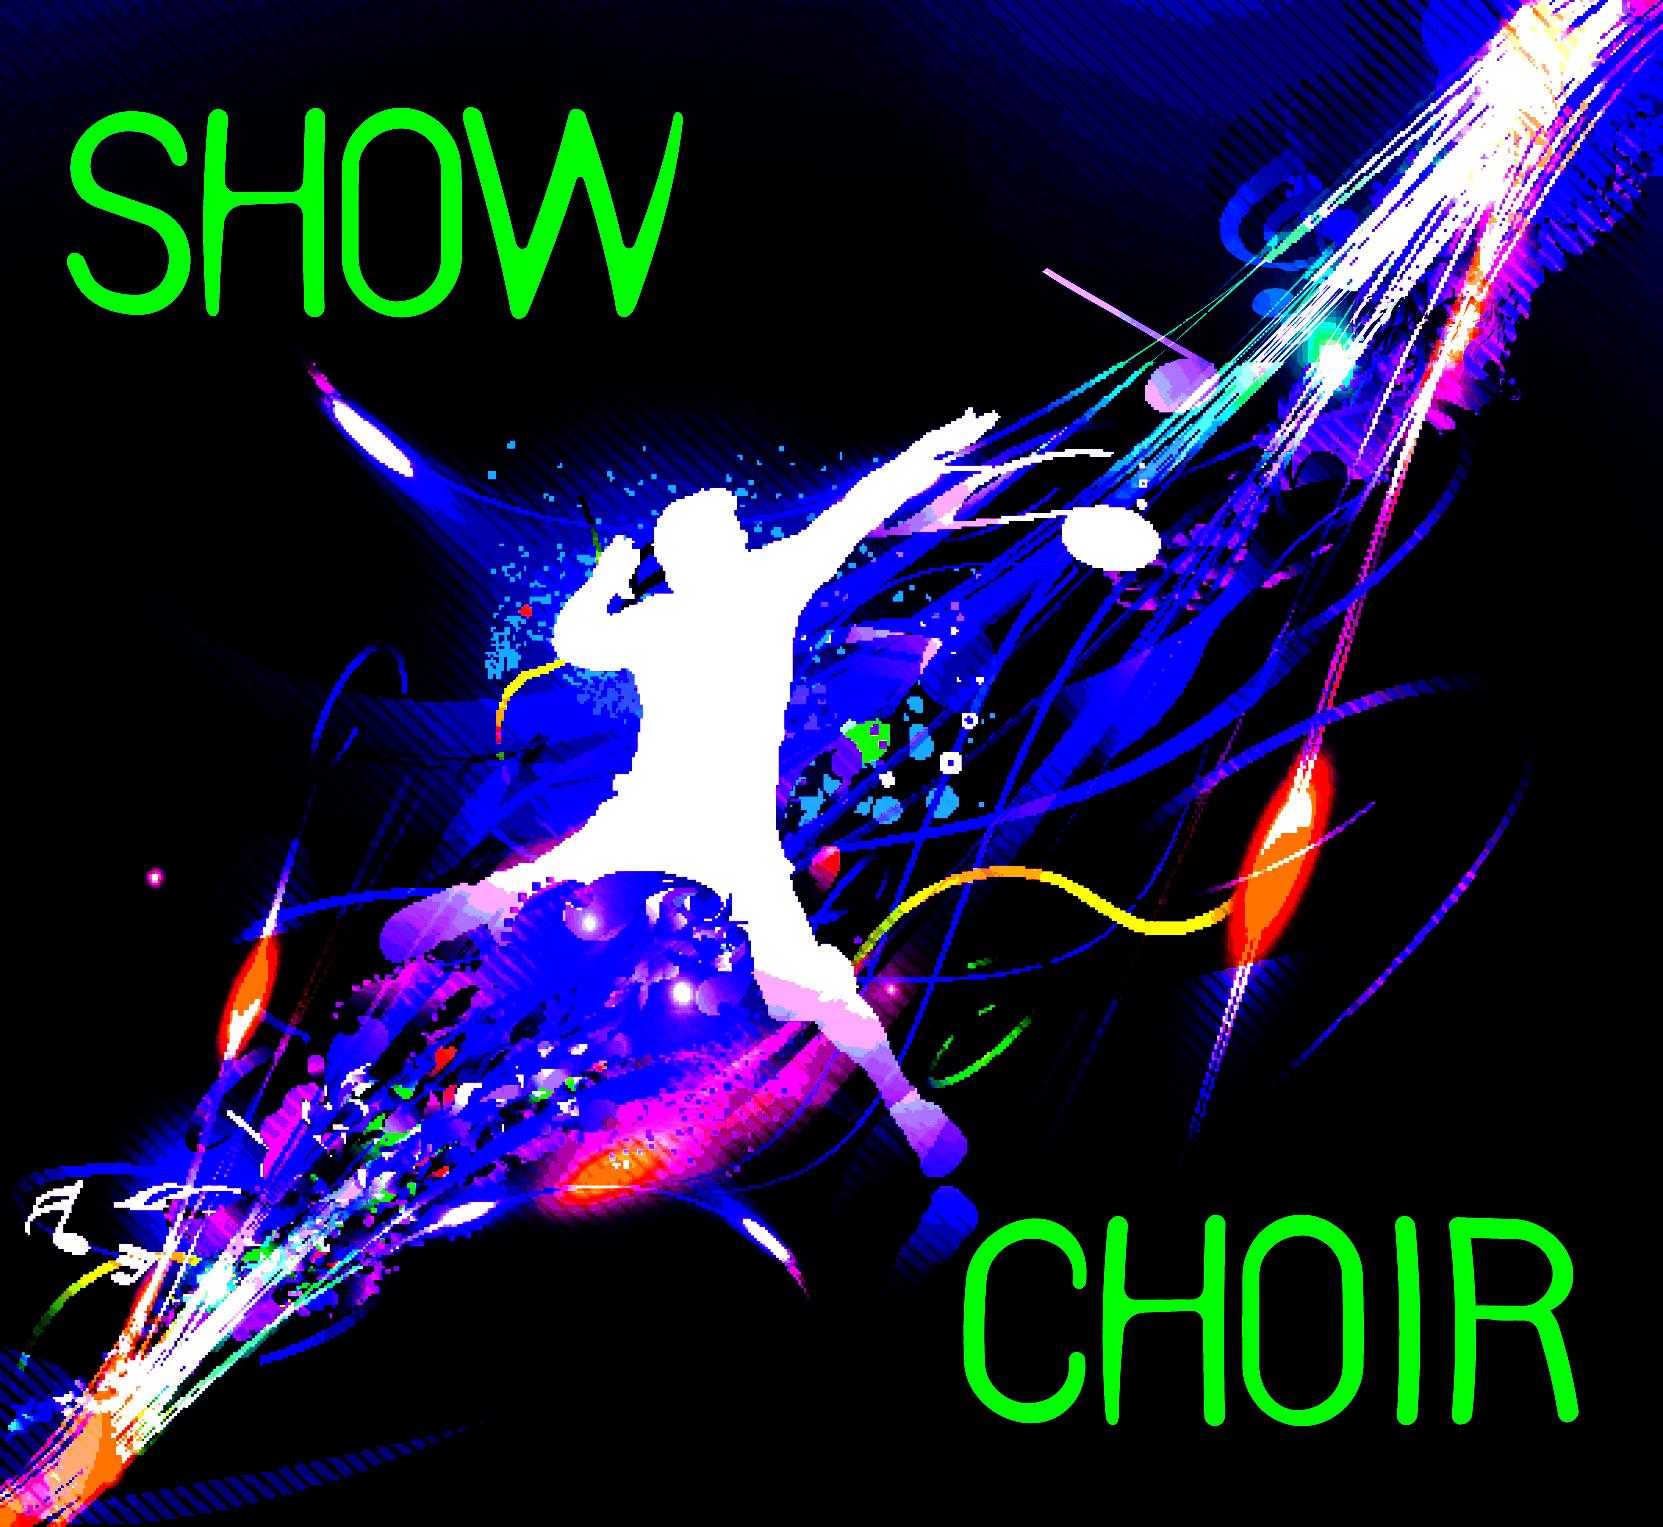 Show Choir black 2.jpg